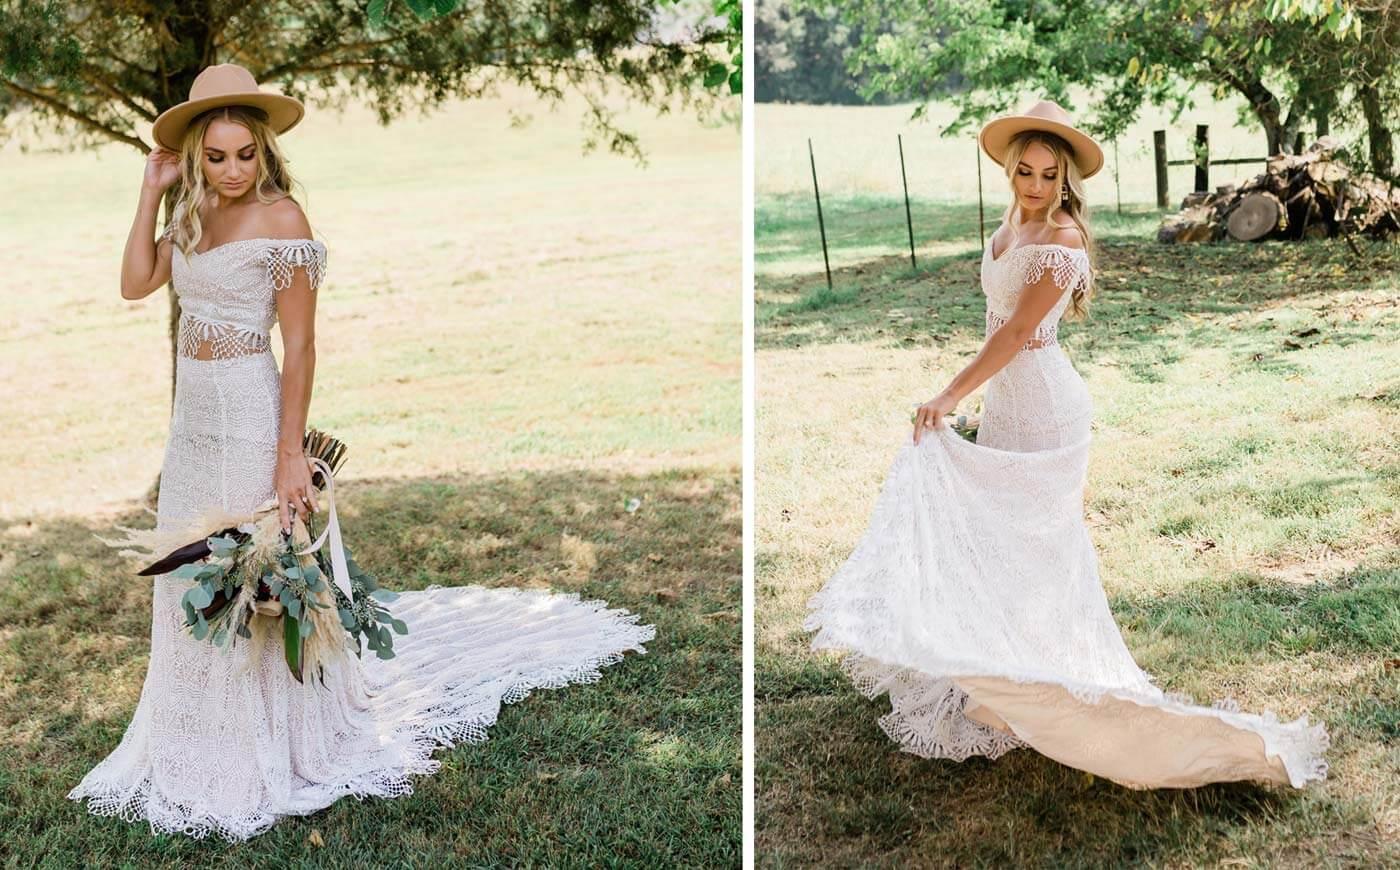 Brautkleider-Stil Boho